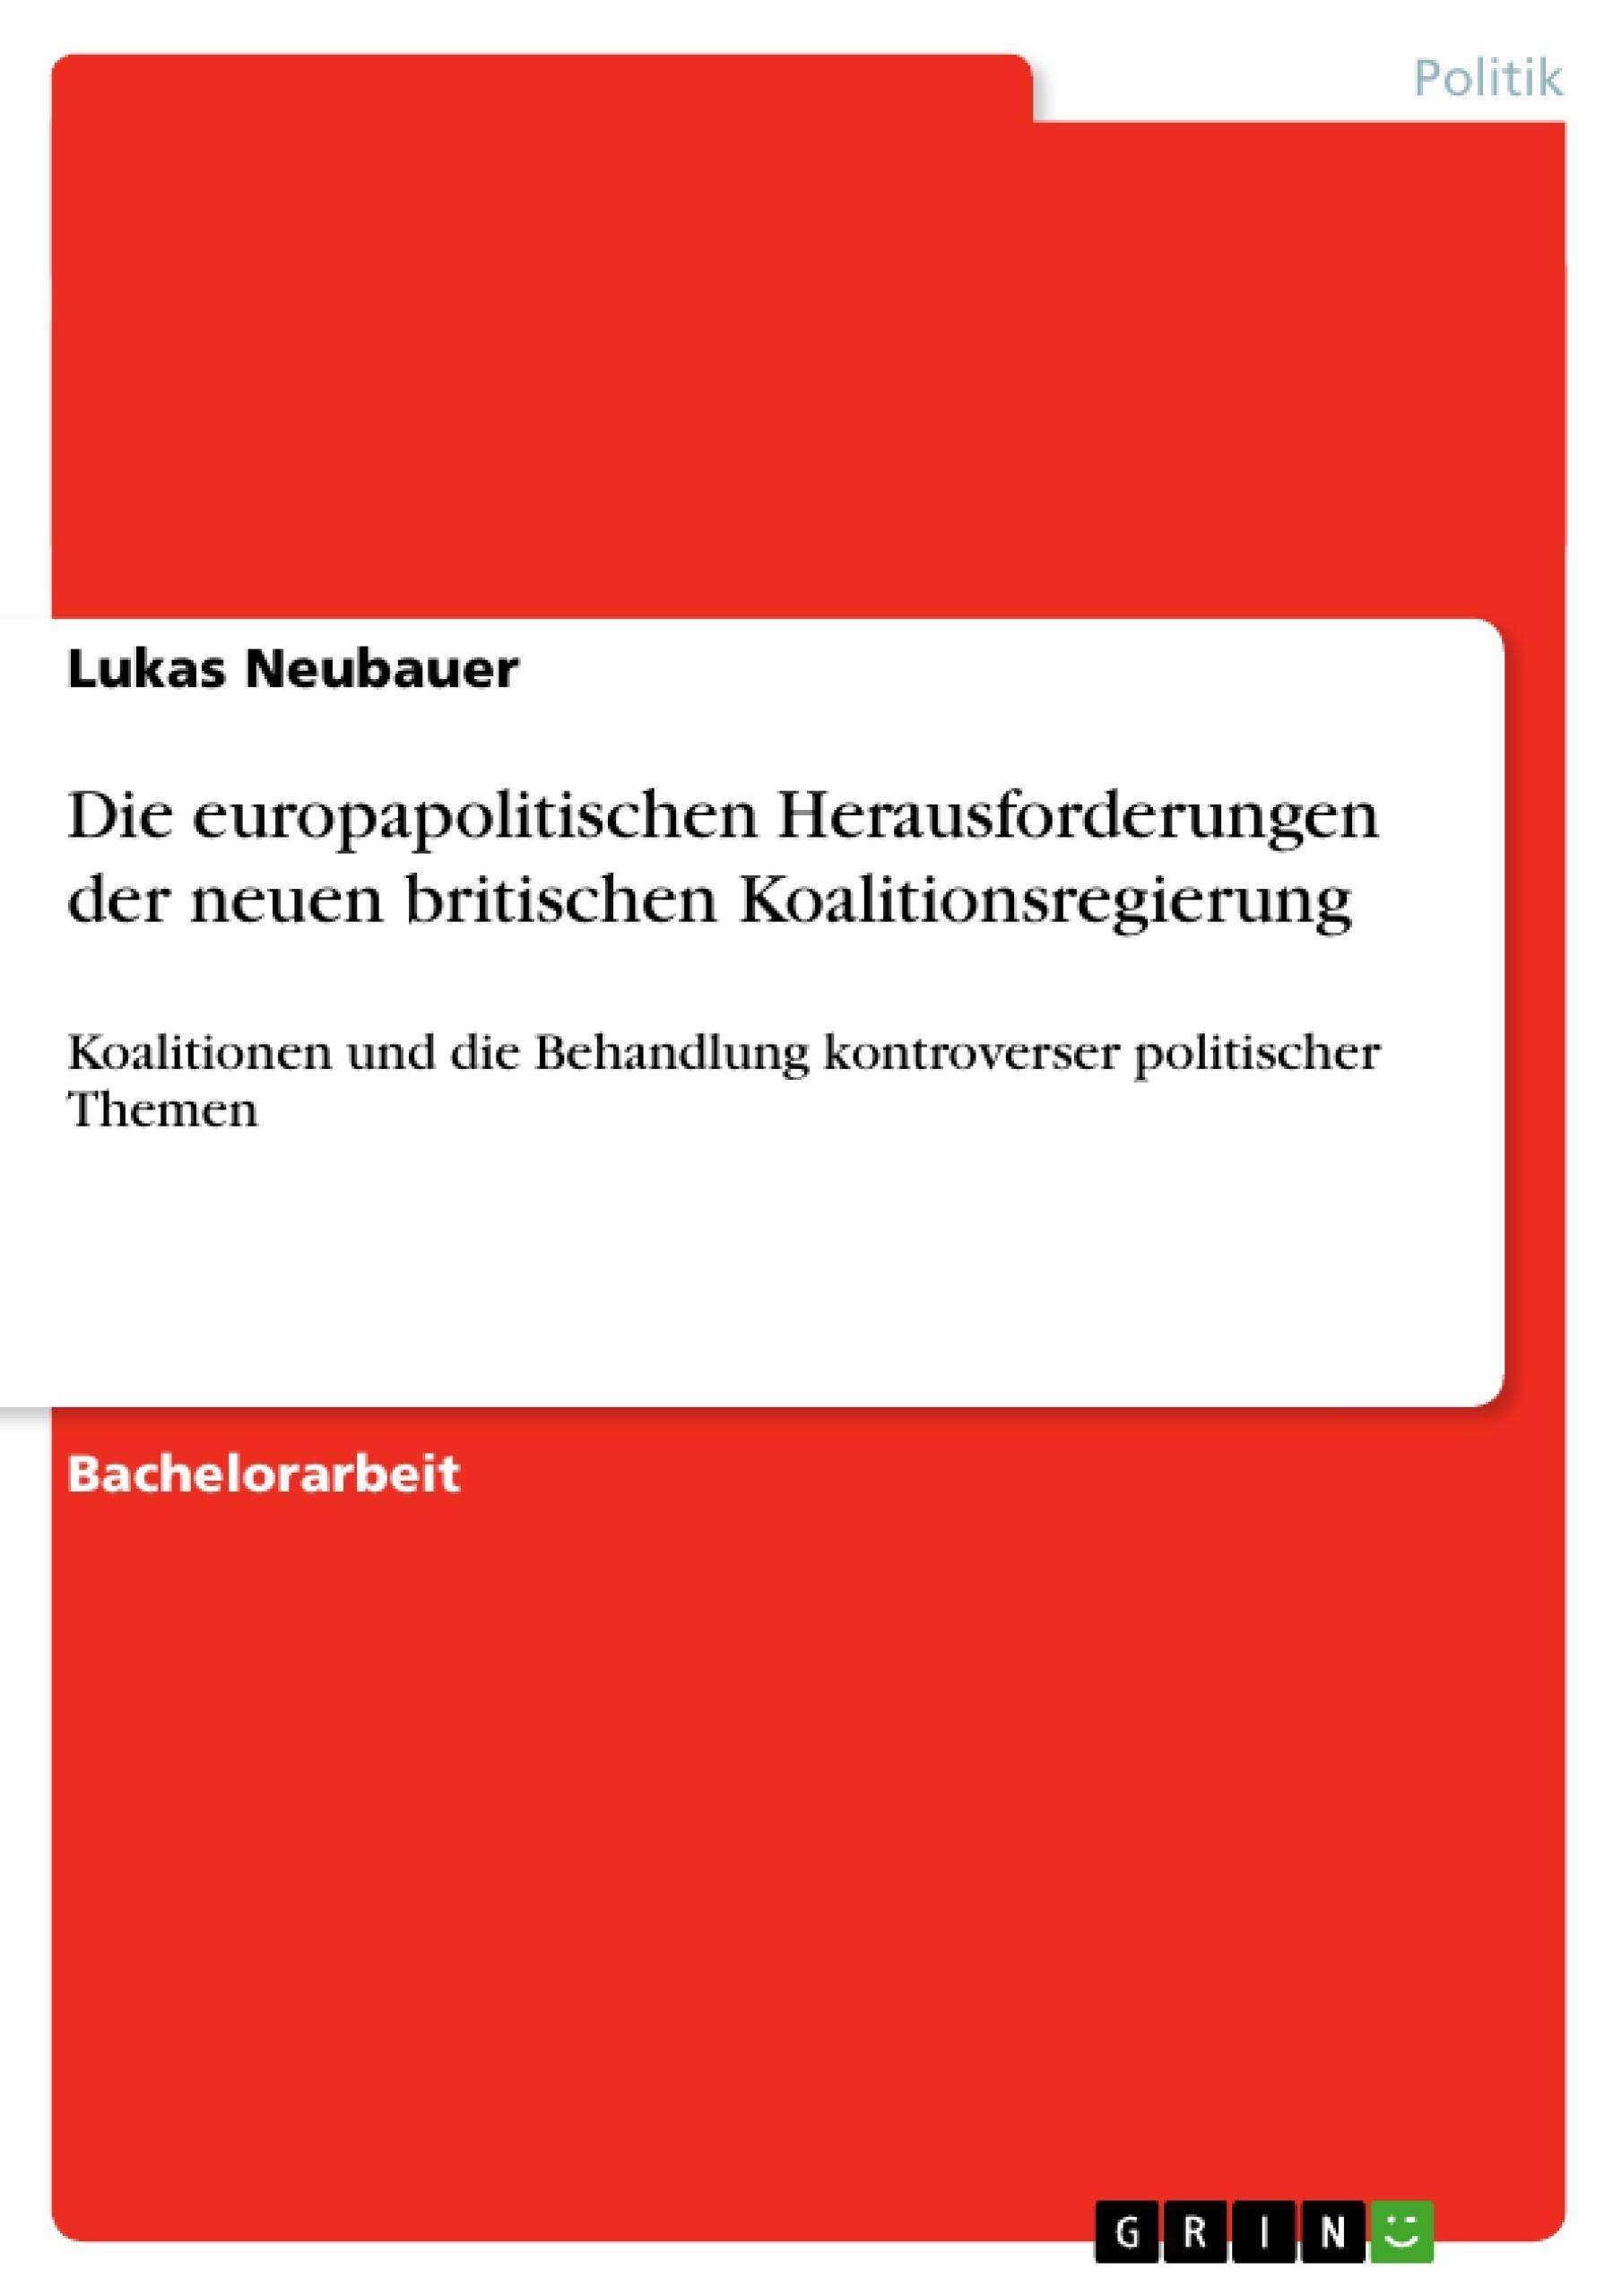 Titel: Die europapolitischen Herausforderungen der neuen britischen Koalitionsregierung